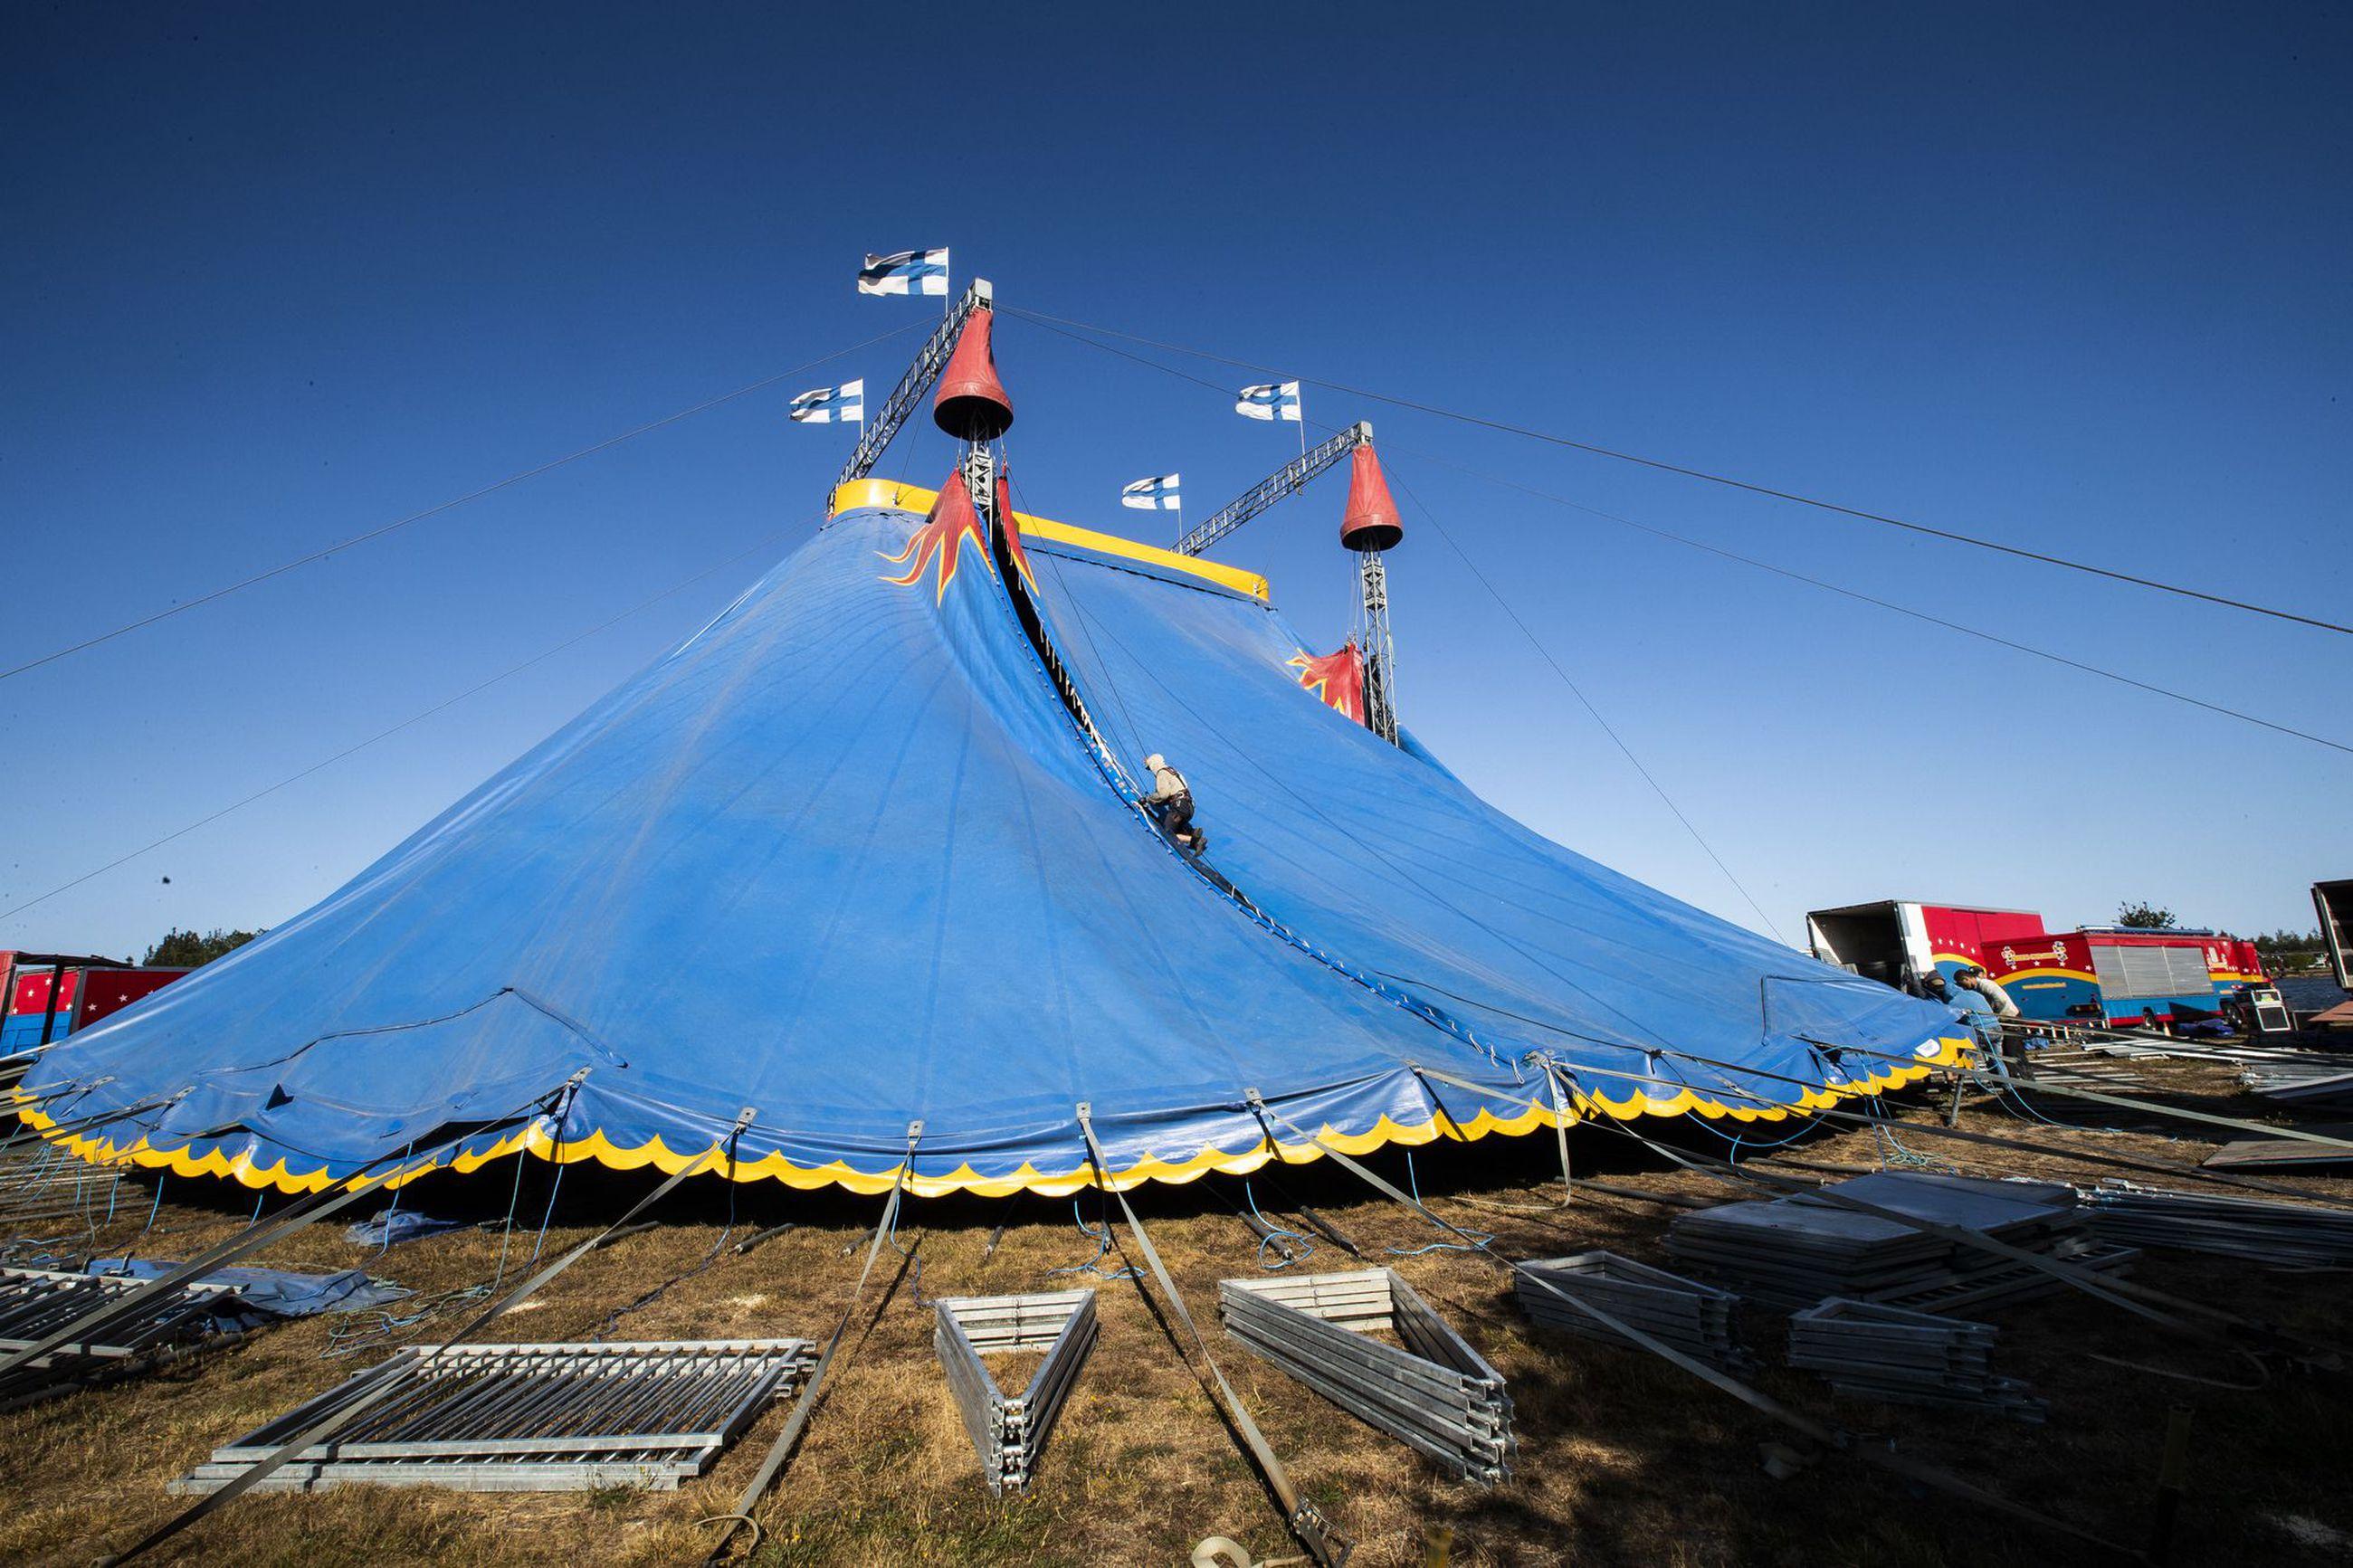 Sirkus Joensuu